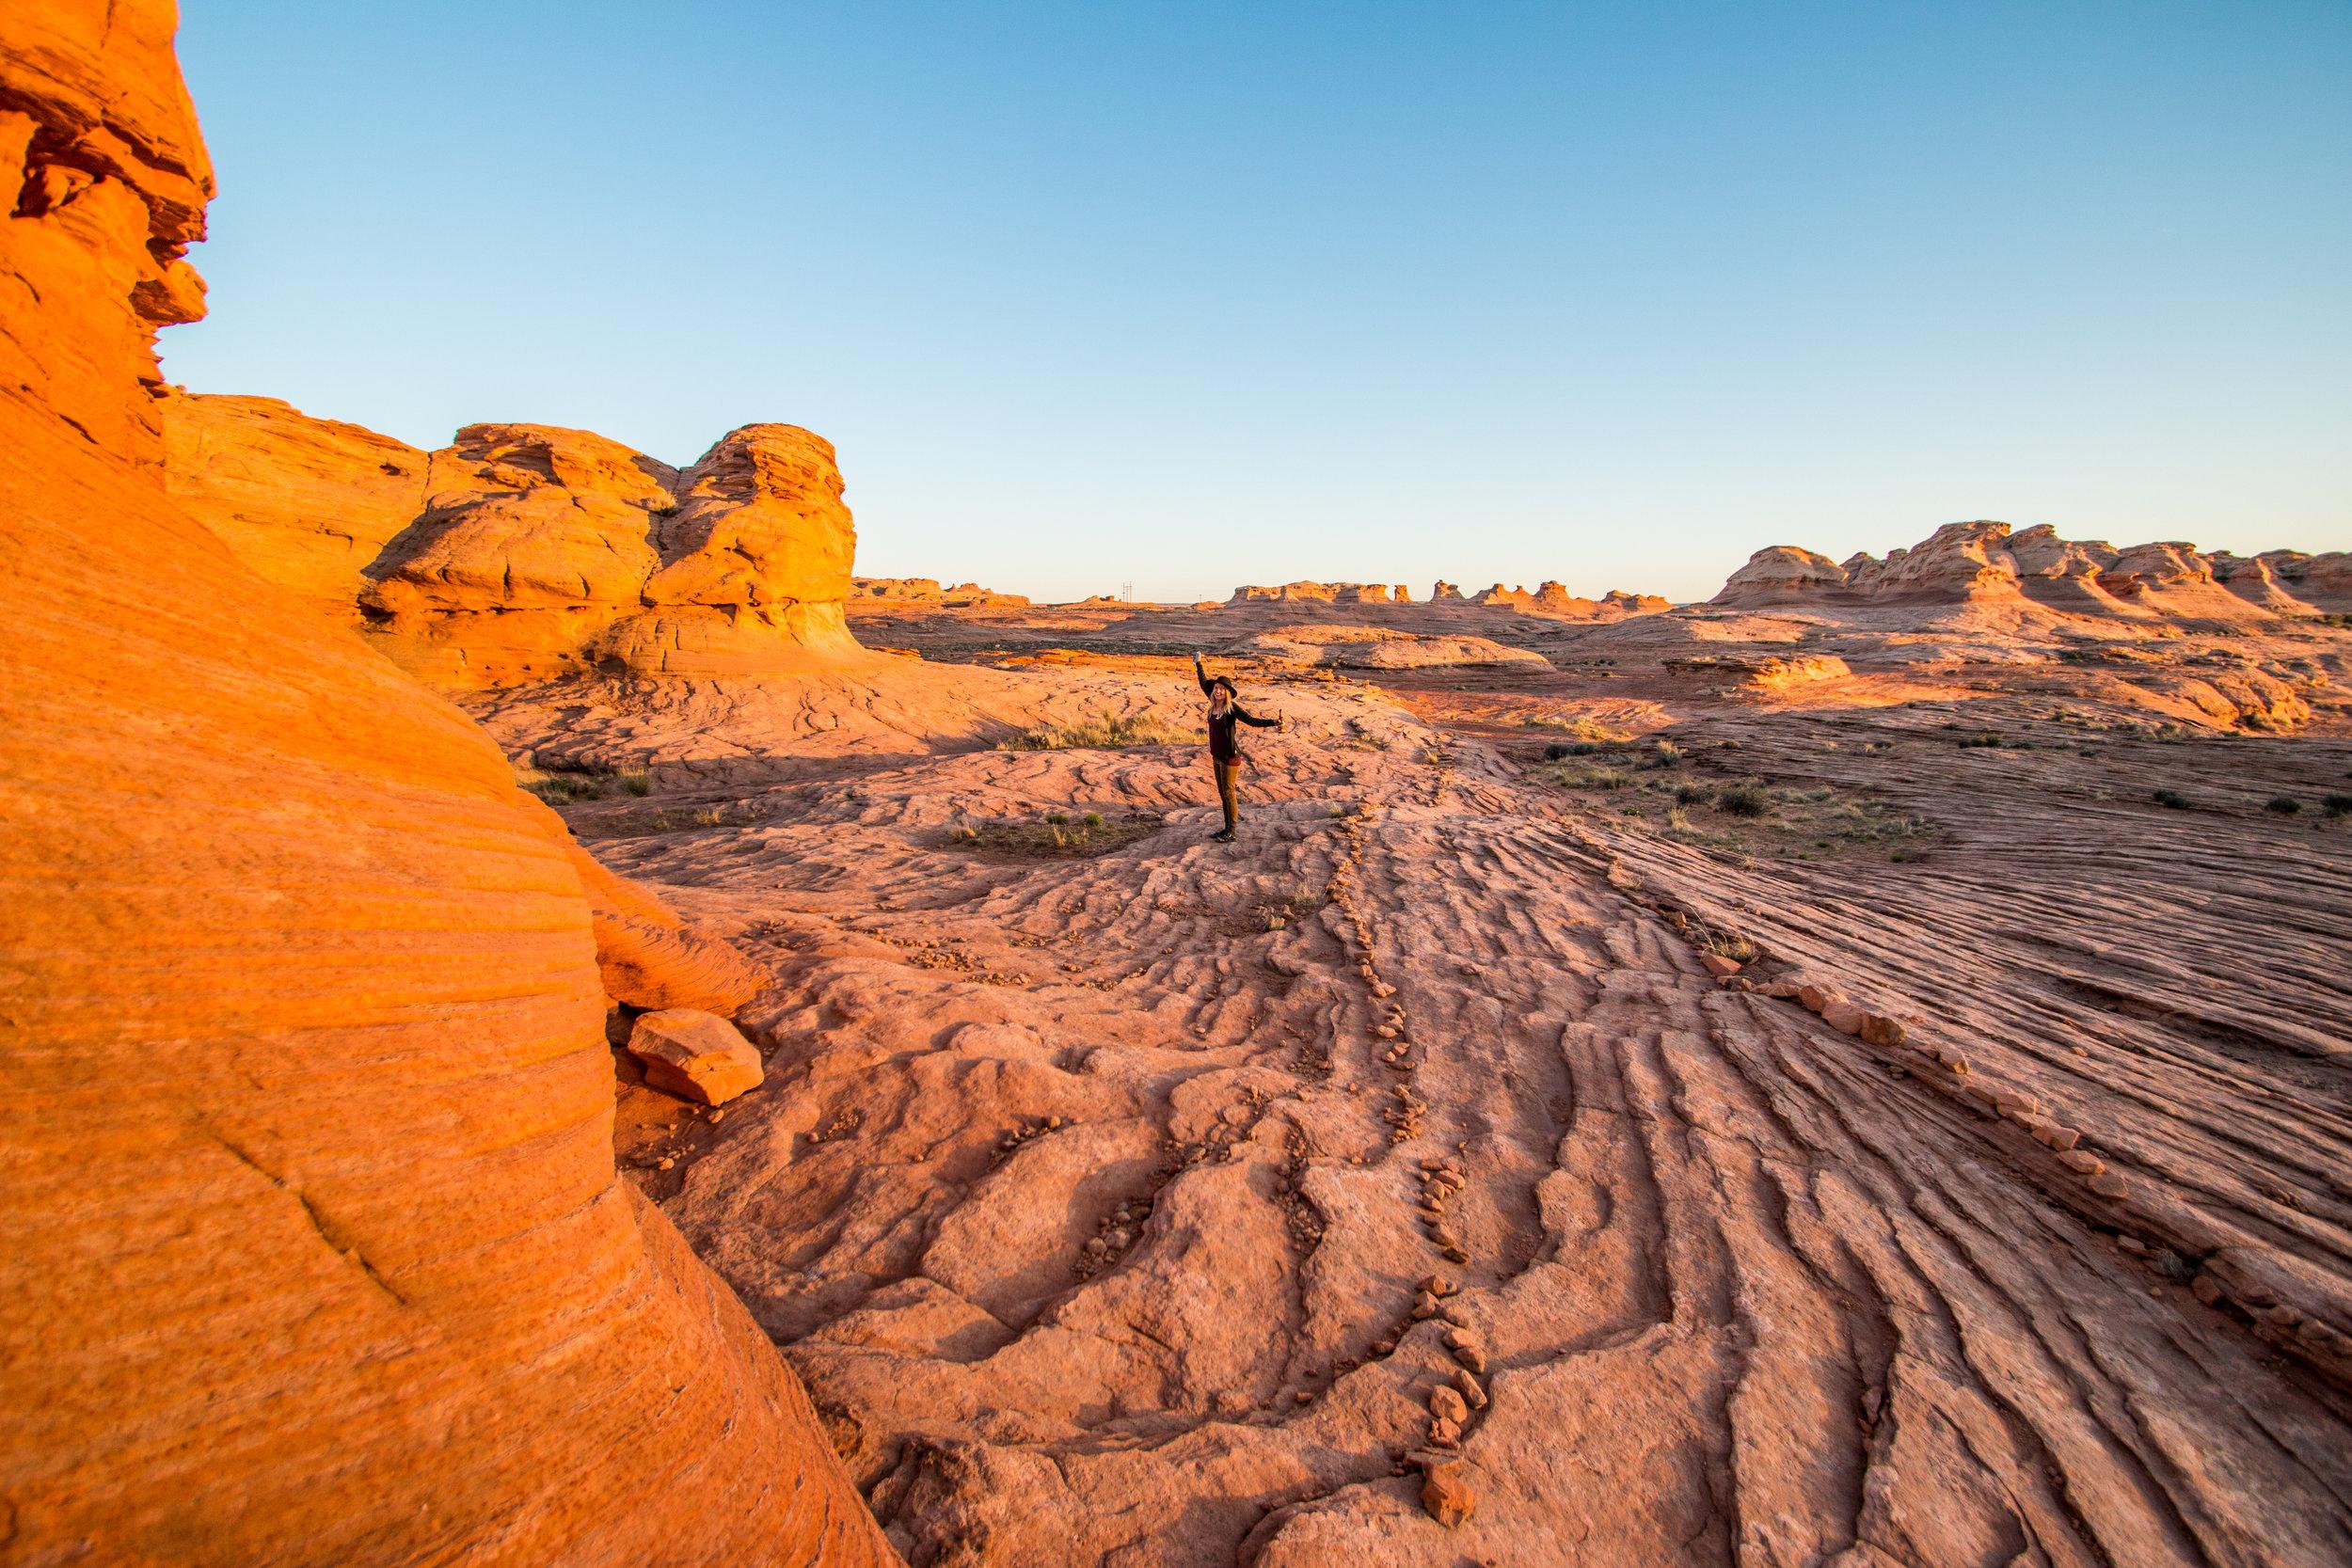 Desert_road-27.jpg